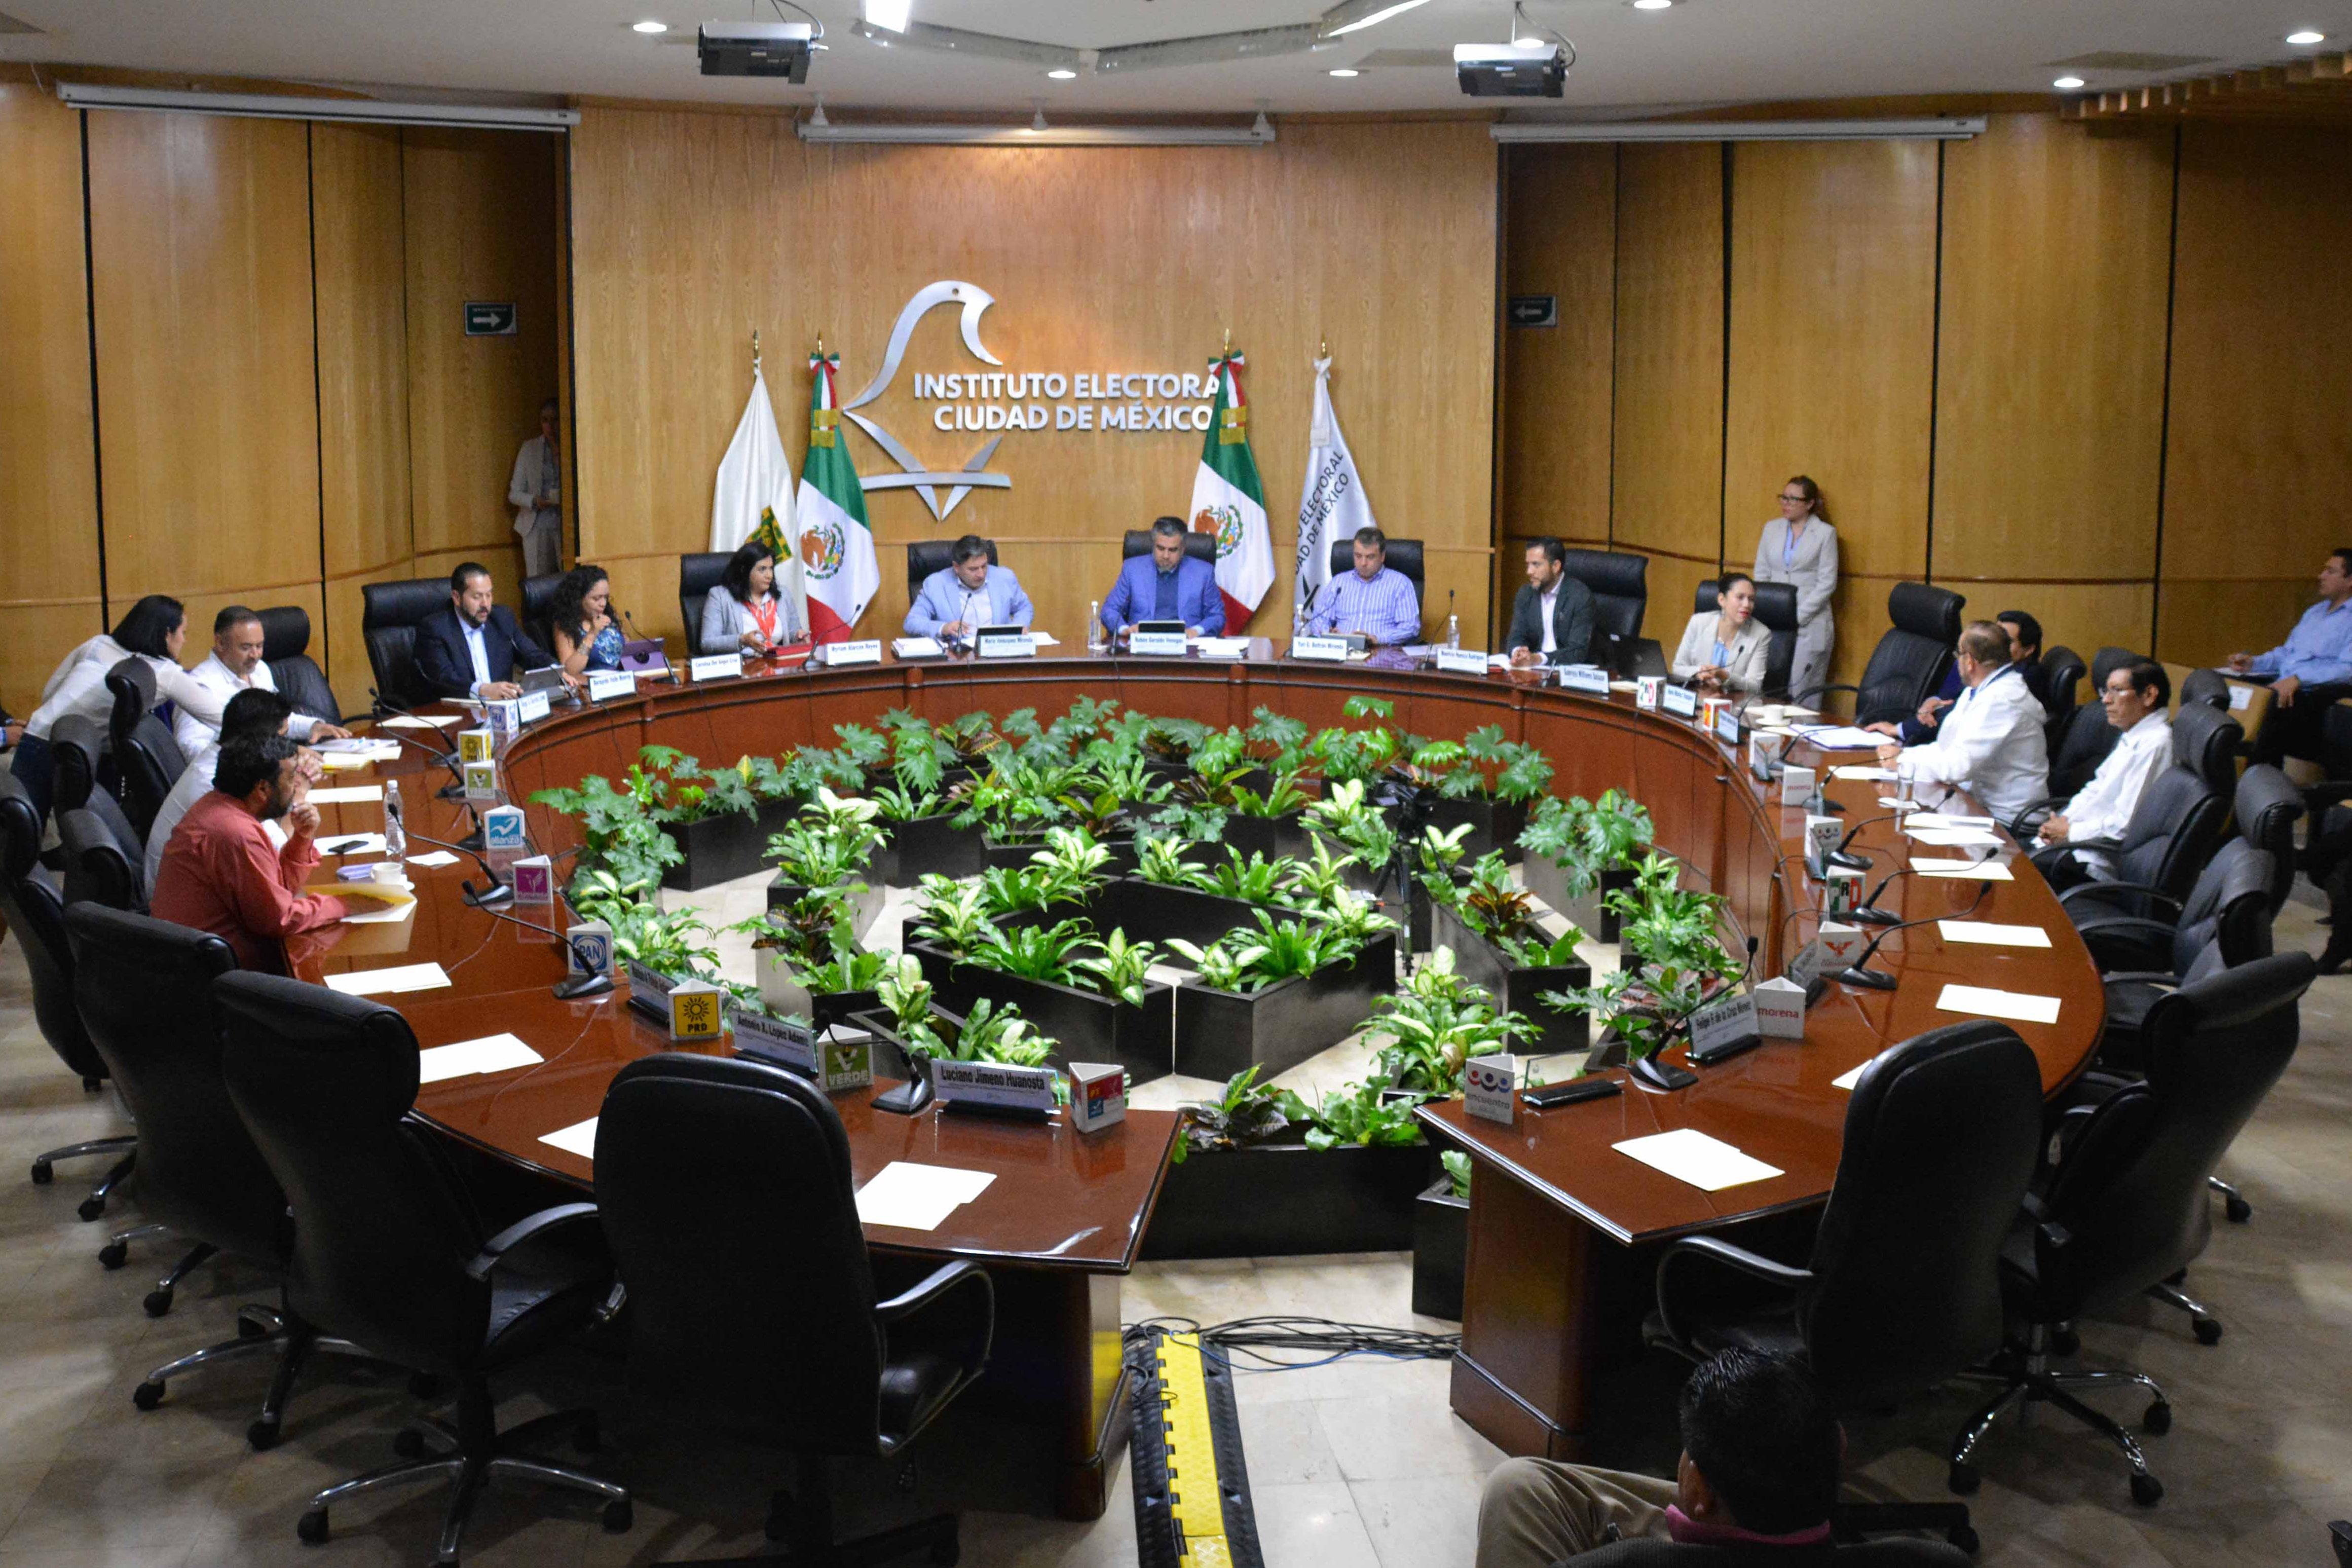 Inicia Instituto Electoral local distribución de listado nominal a consejeros distritales en Ciudad de México